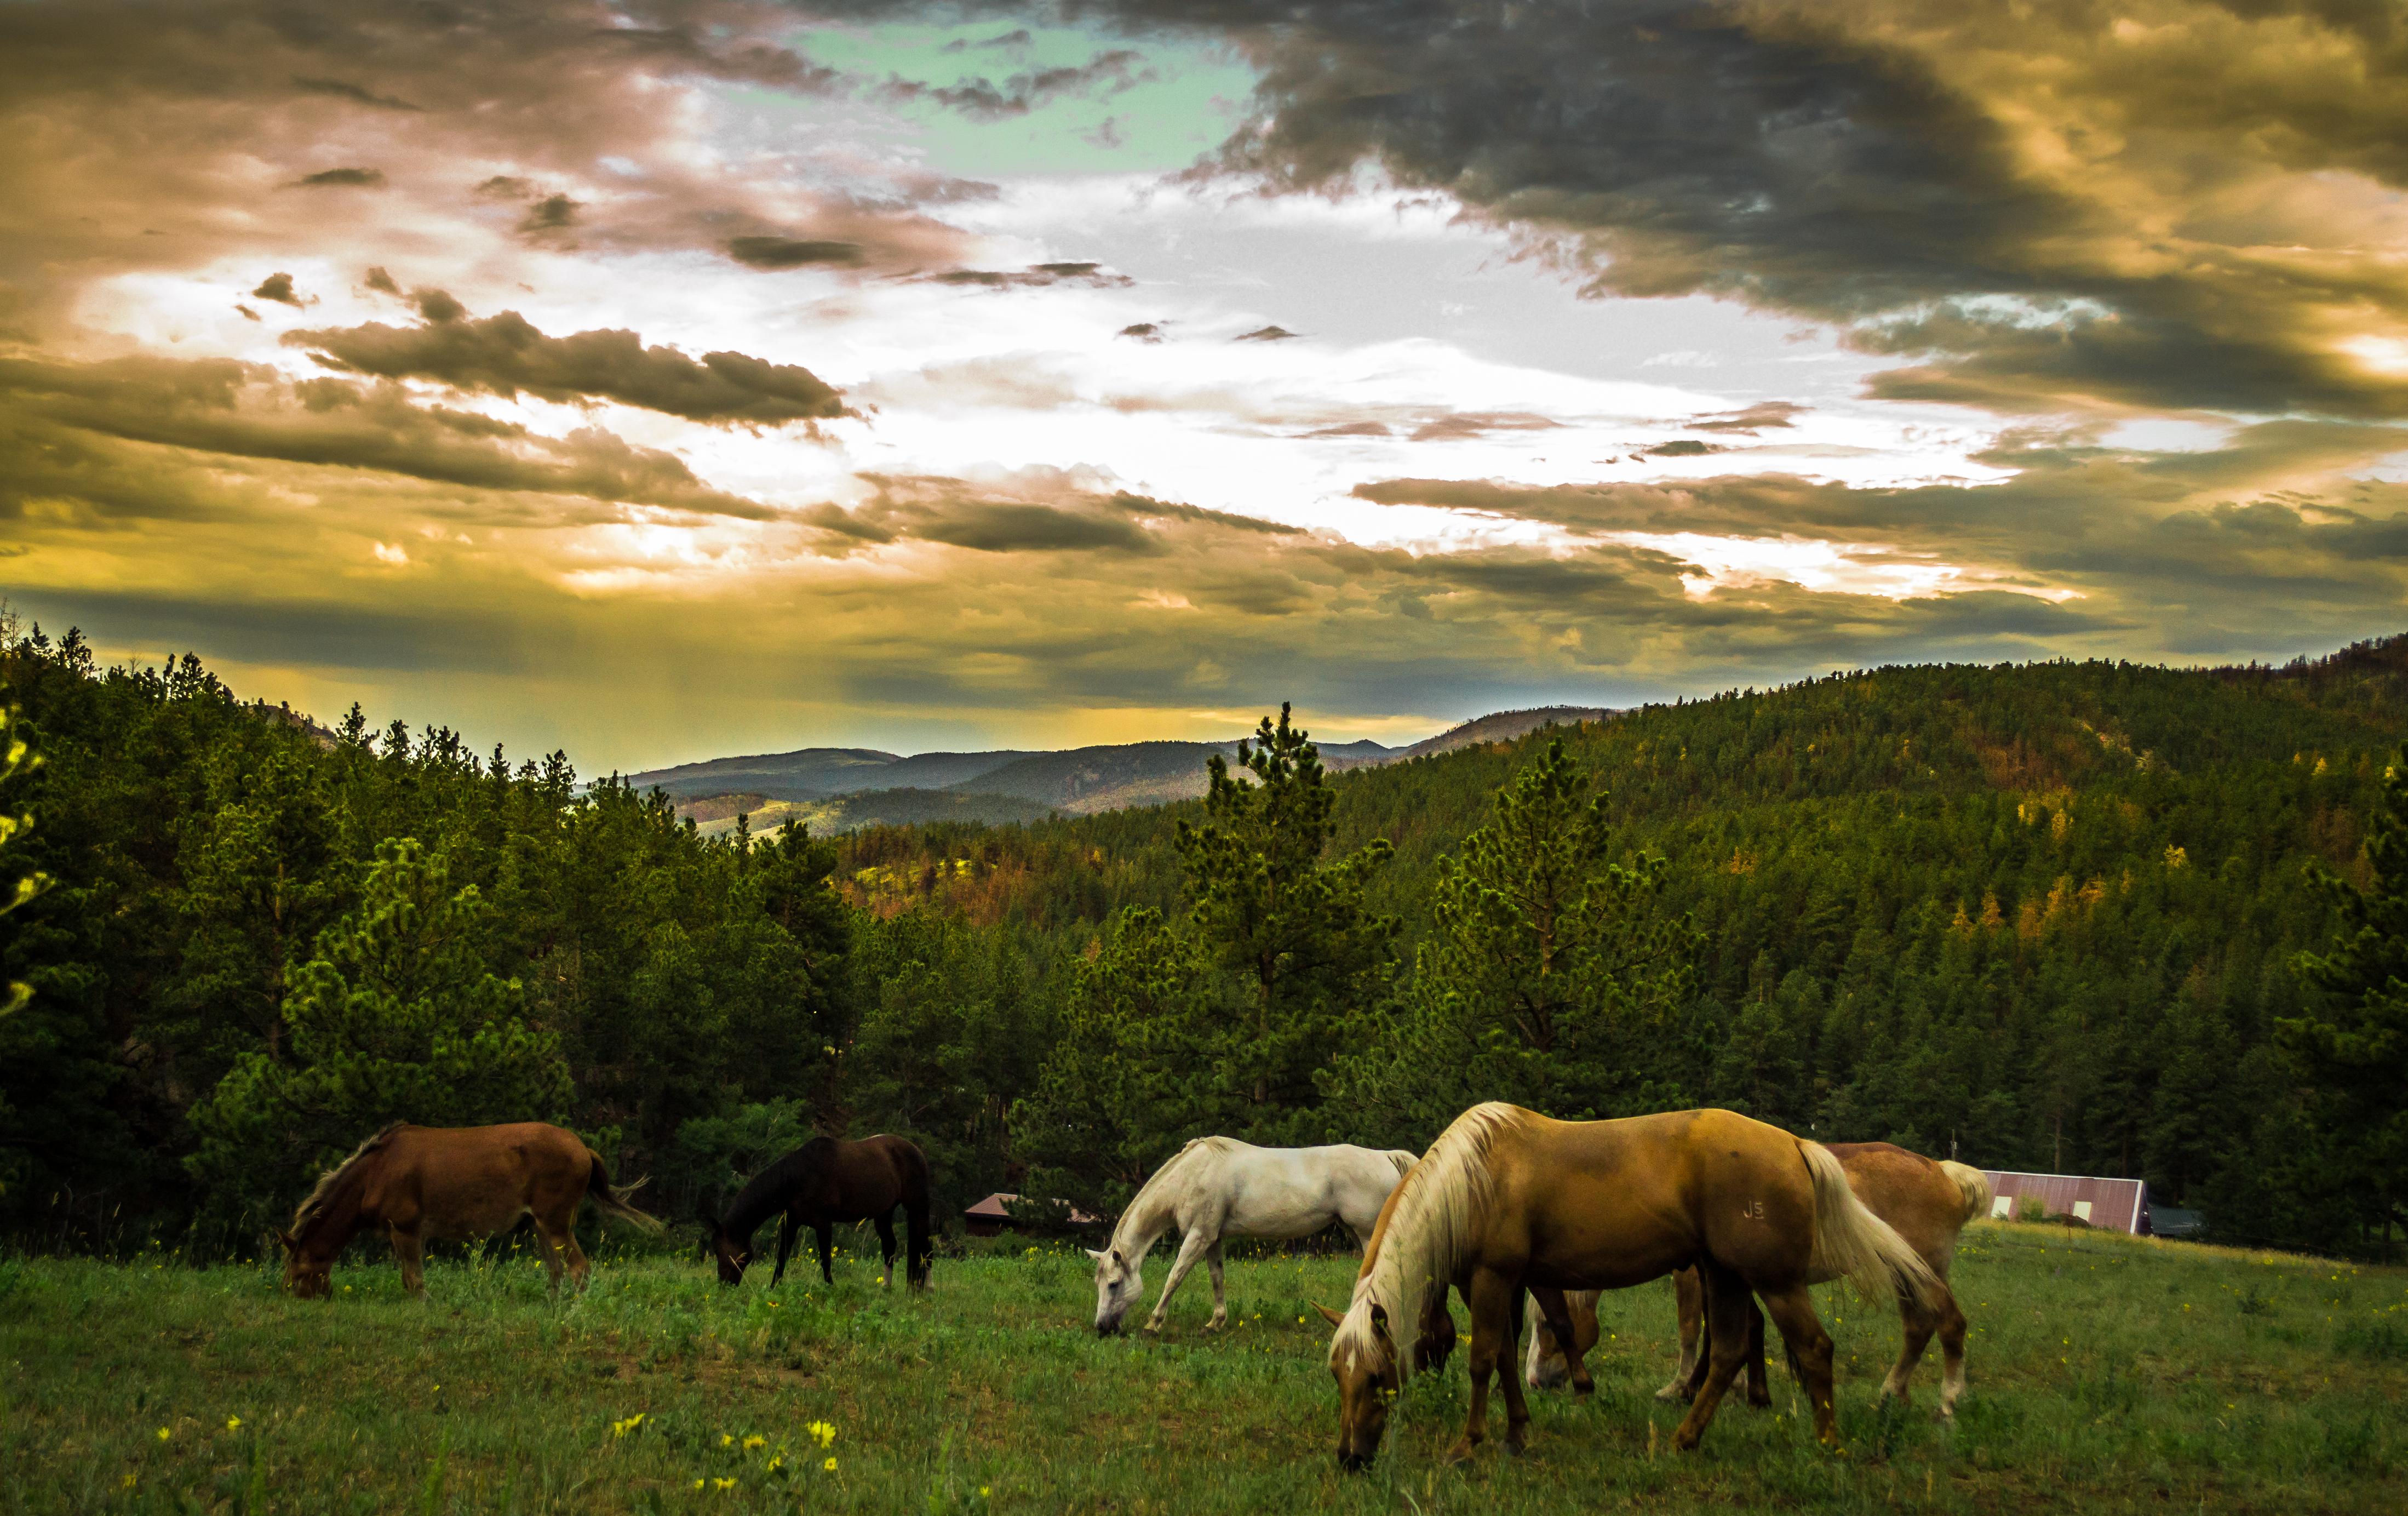 Images Gratuites : Paysage, La Nature, Forêt, Herbe